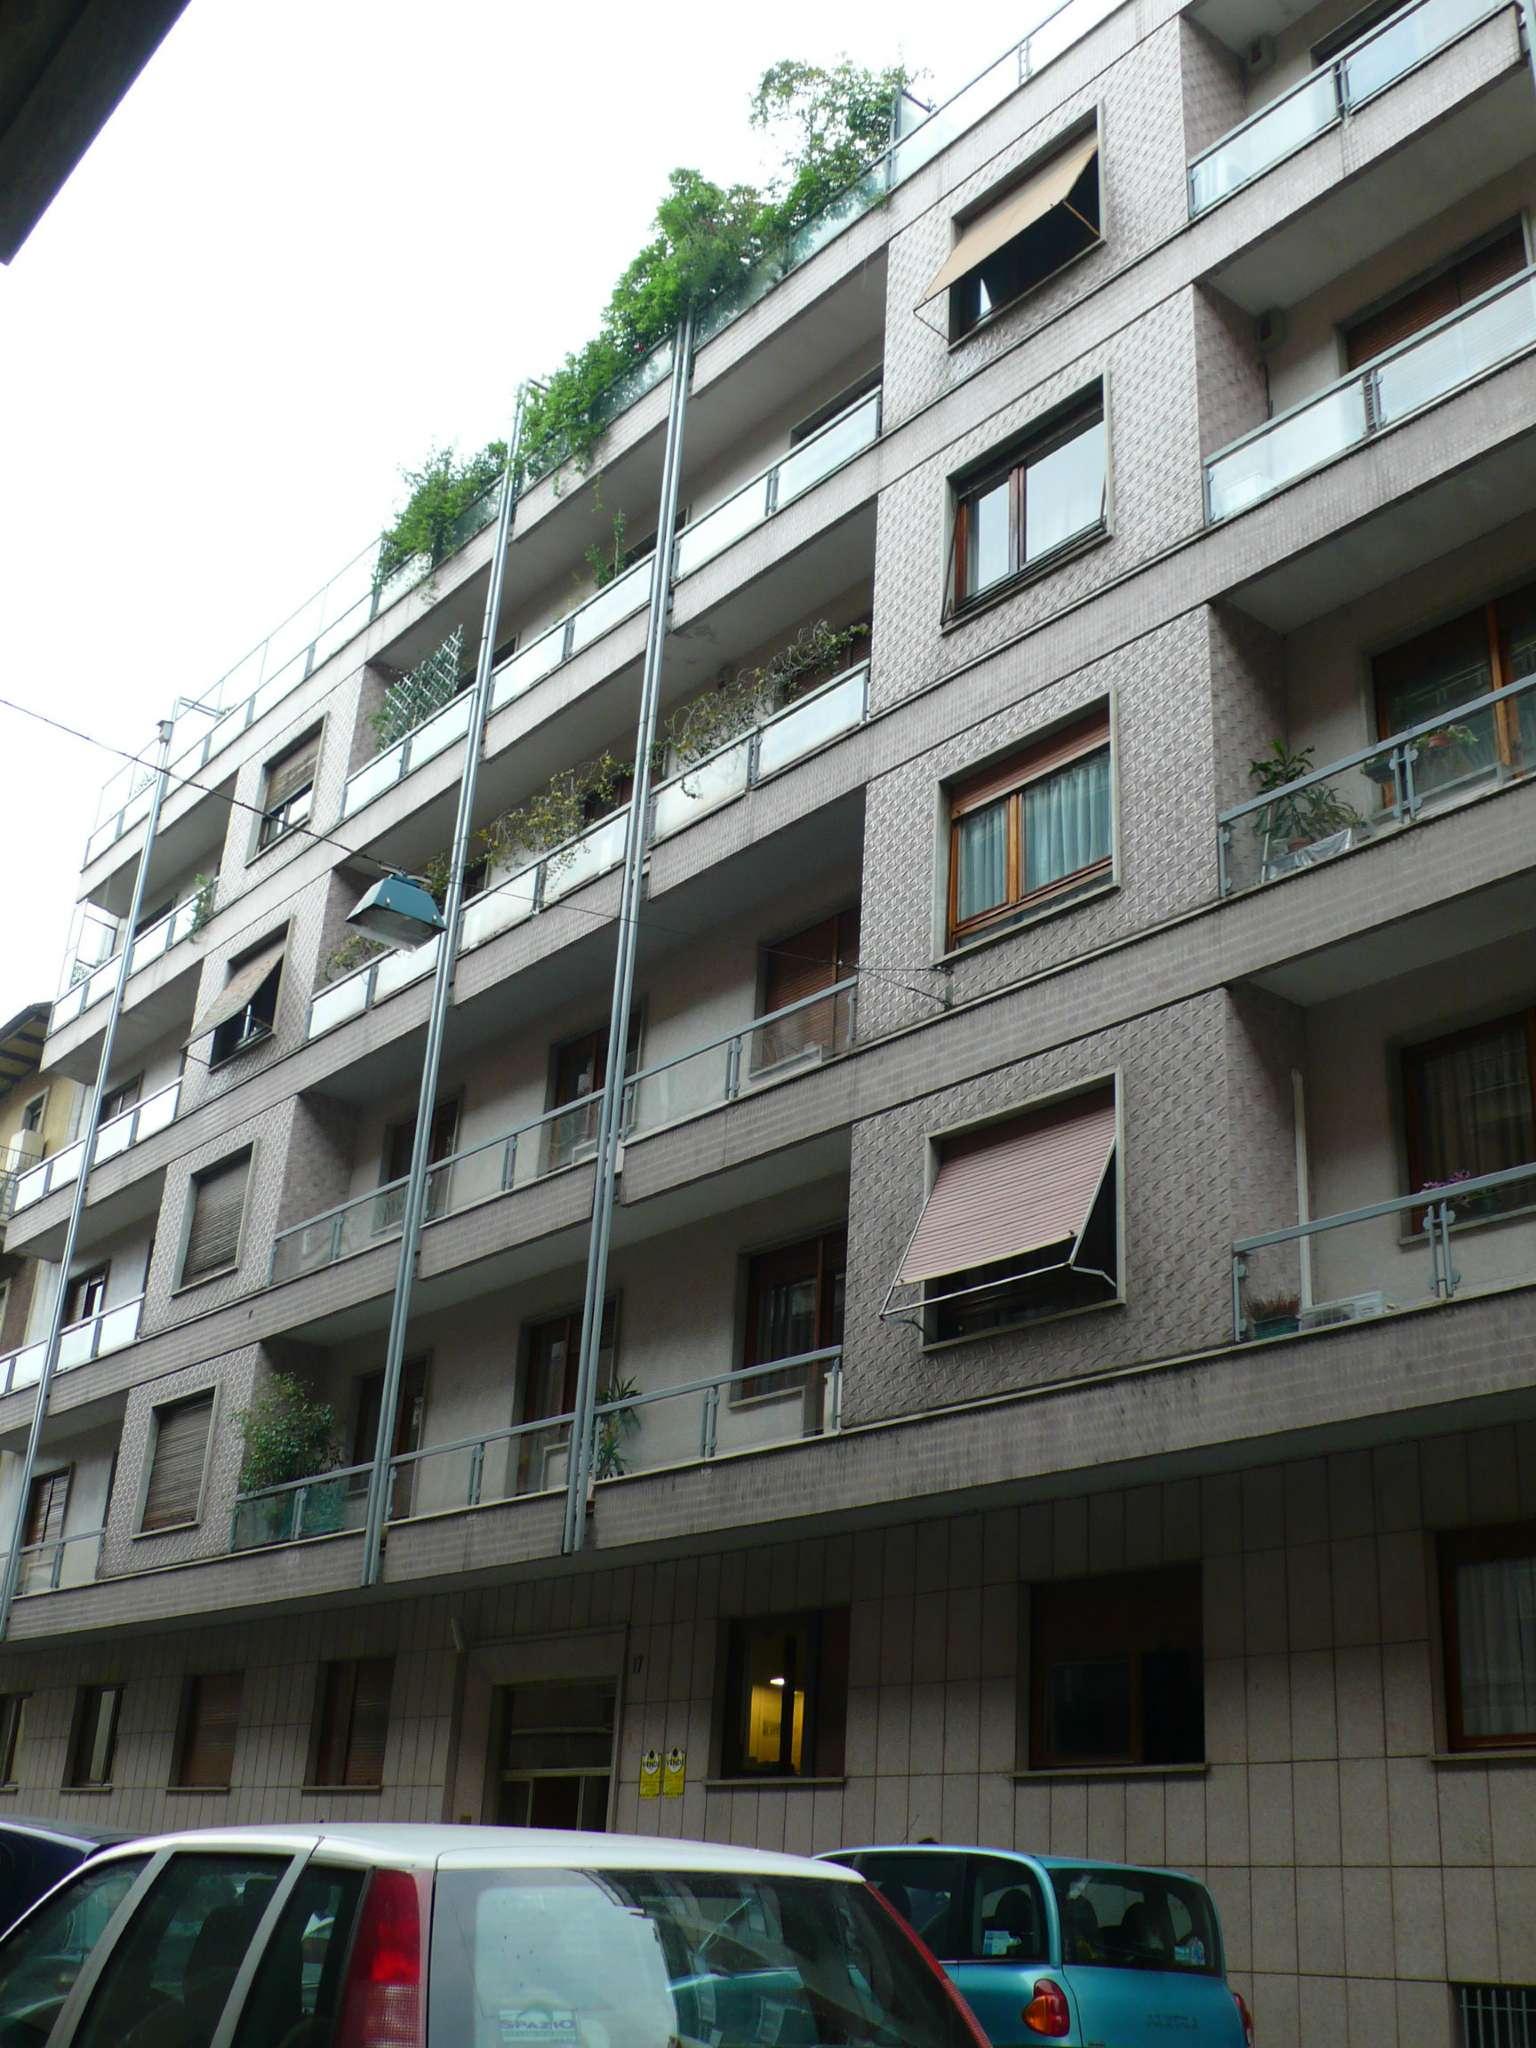 Appartamento in affitto Zona Cit Turin, San Donato, Campidoglio - via Vidua 17 Torino